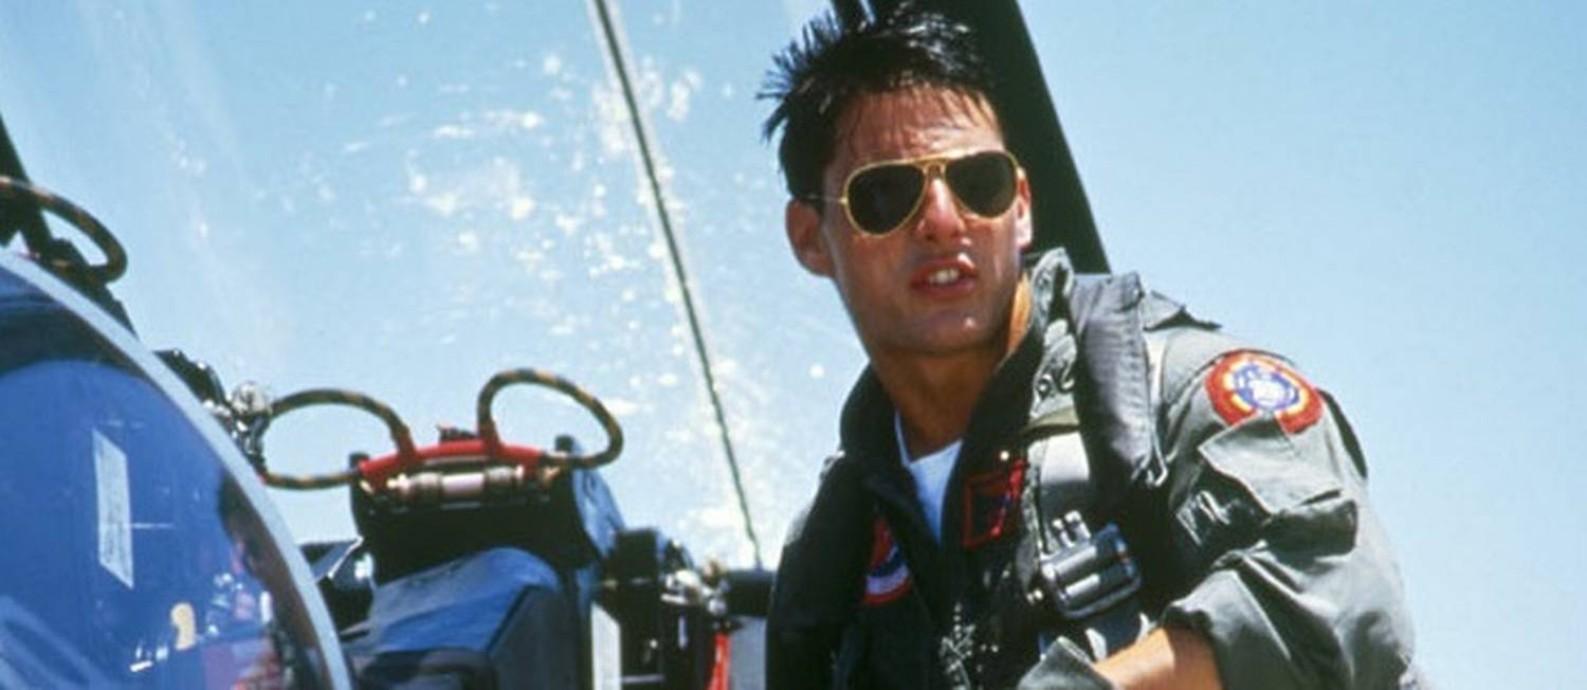 """Cena de Tom Cruise, no filme """"Top Gun"""" Foto: / REPRODUÇÃO"""